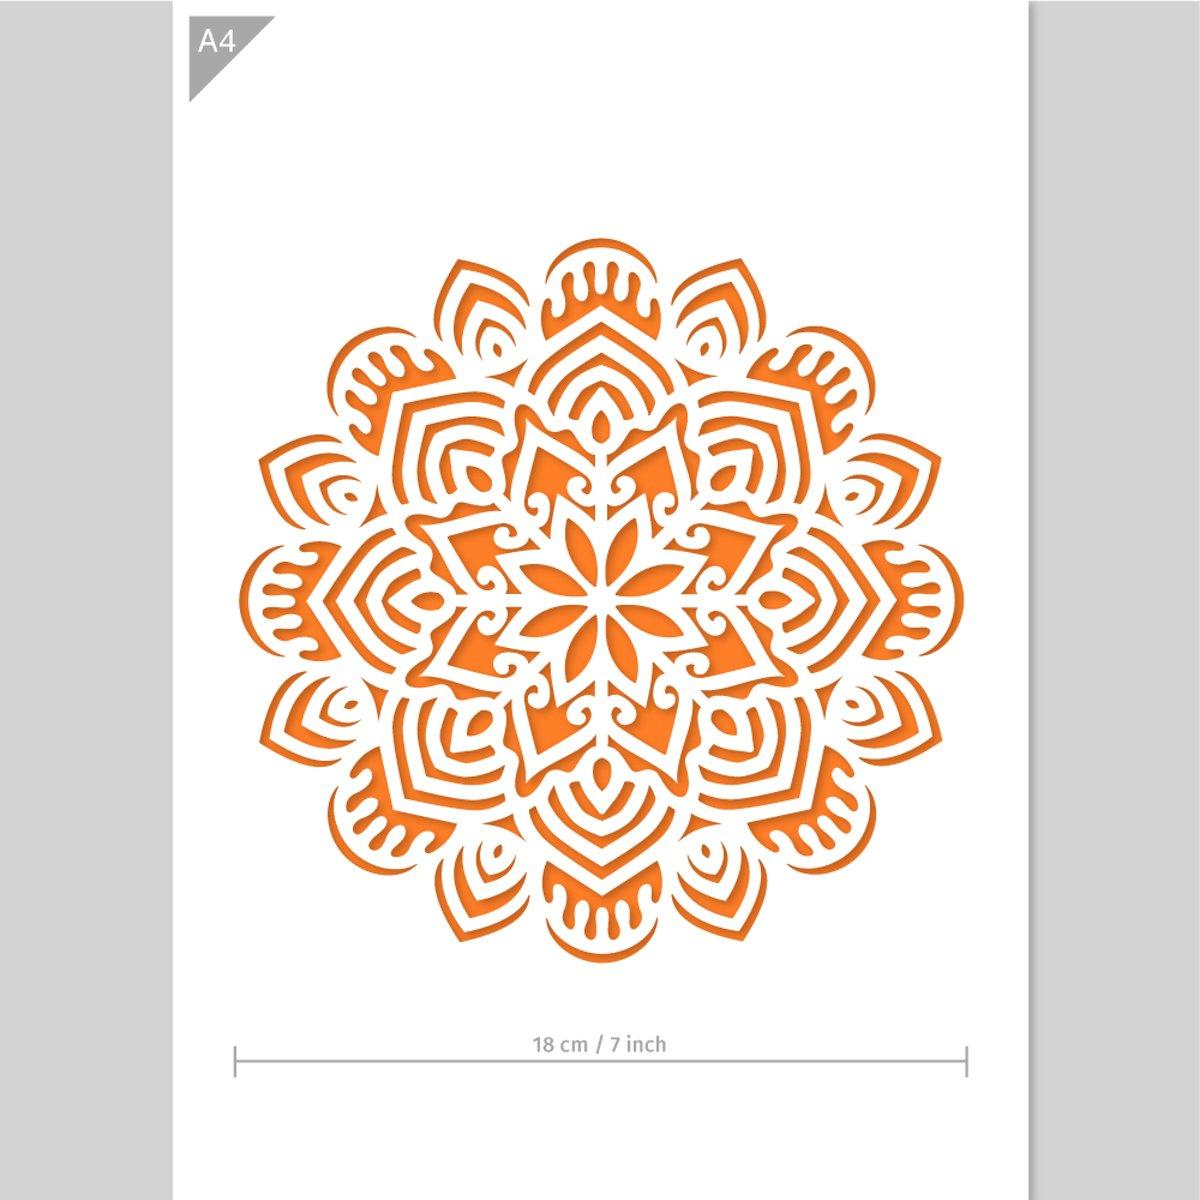 Mandala sjabloon - Kunststof A4 stencil - Kindvriendelijk sjabloon geschikt voor graffiti, airbrush, schilderen, muren, meubilair, taarten en andere doeleinden kopen